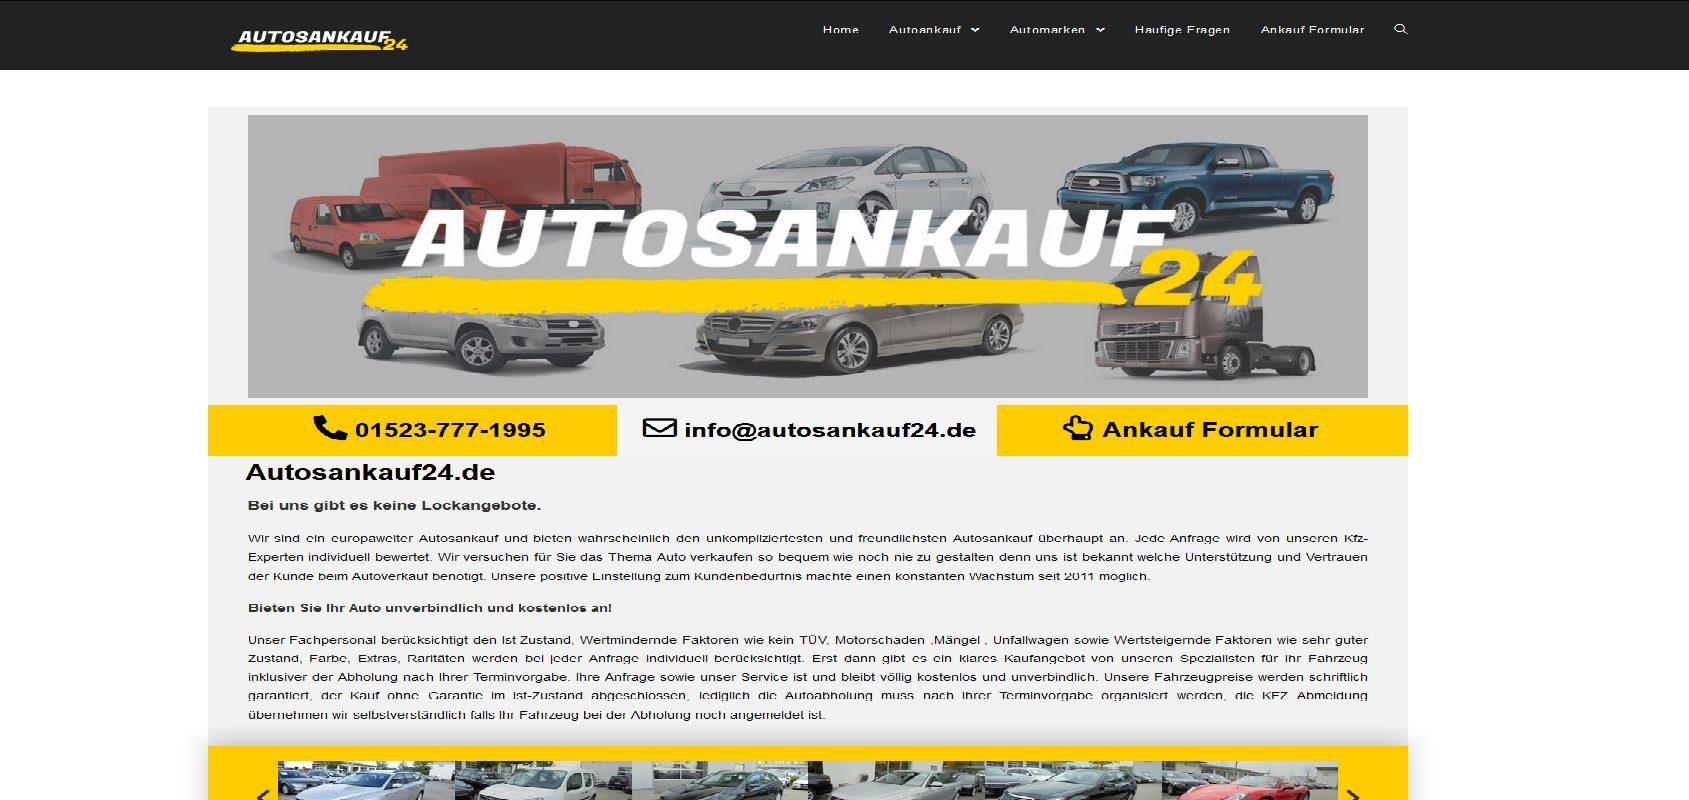 Autosankauf24.de - Hildesheim